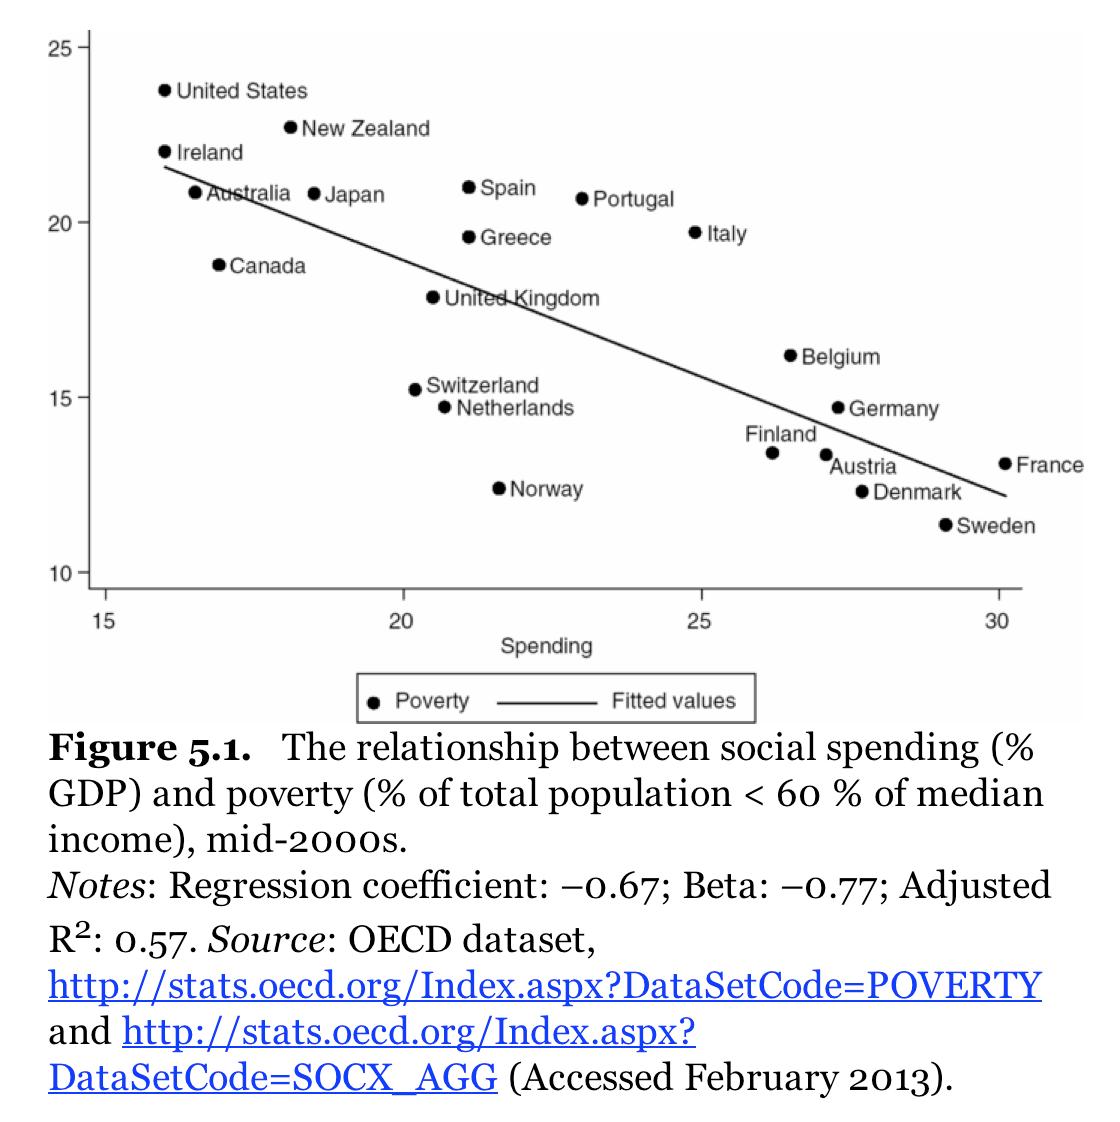 relative-inequality-kersbergen-vis